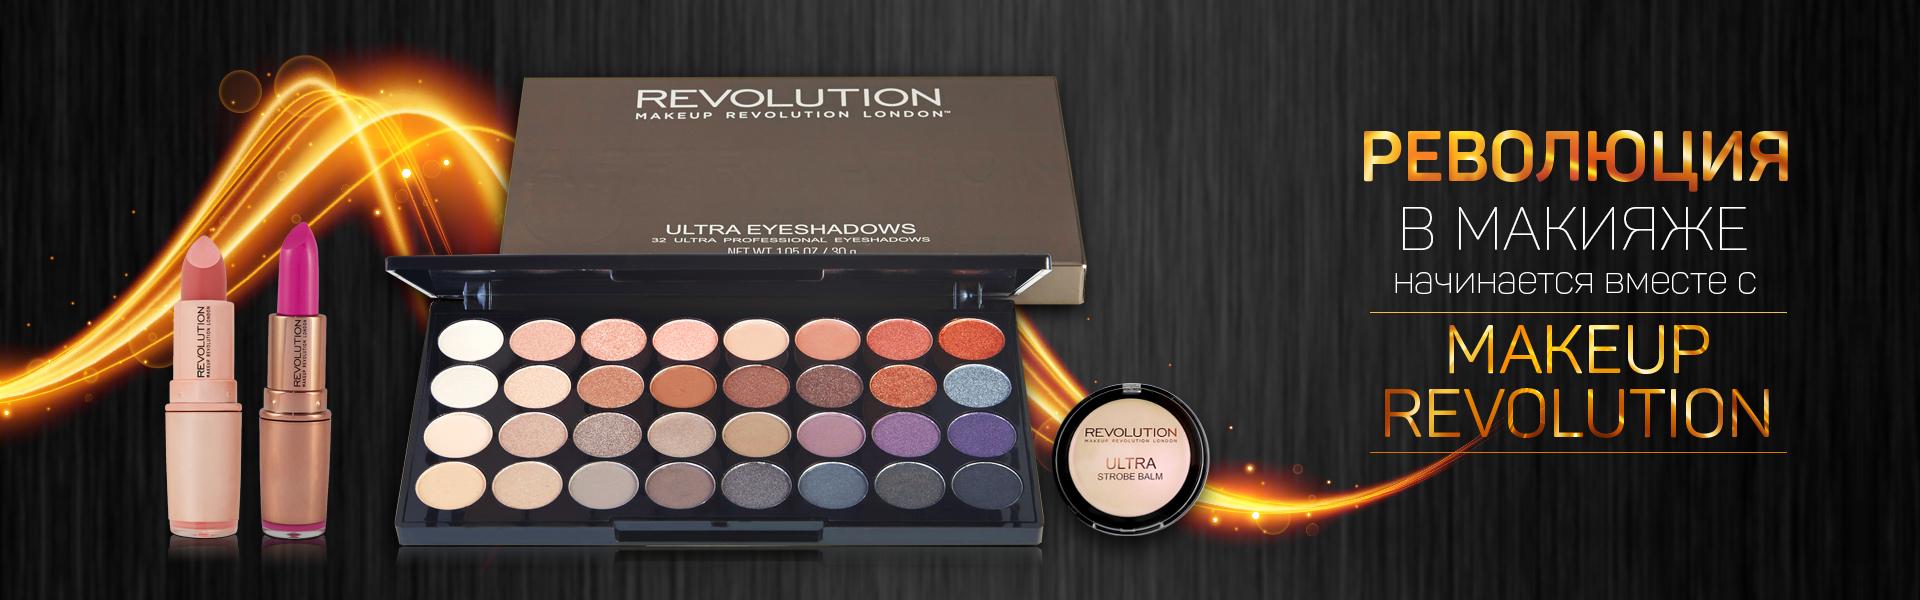 Революция макияжа начинается с Makeup Revolution